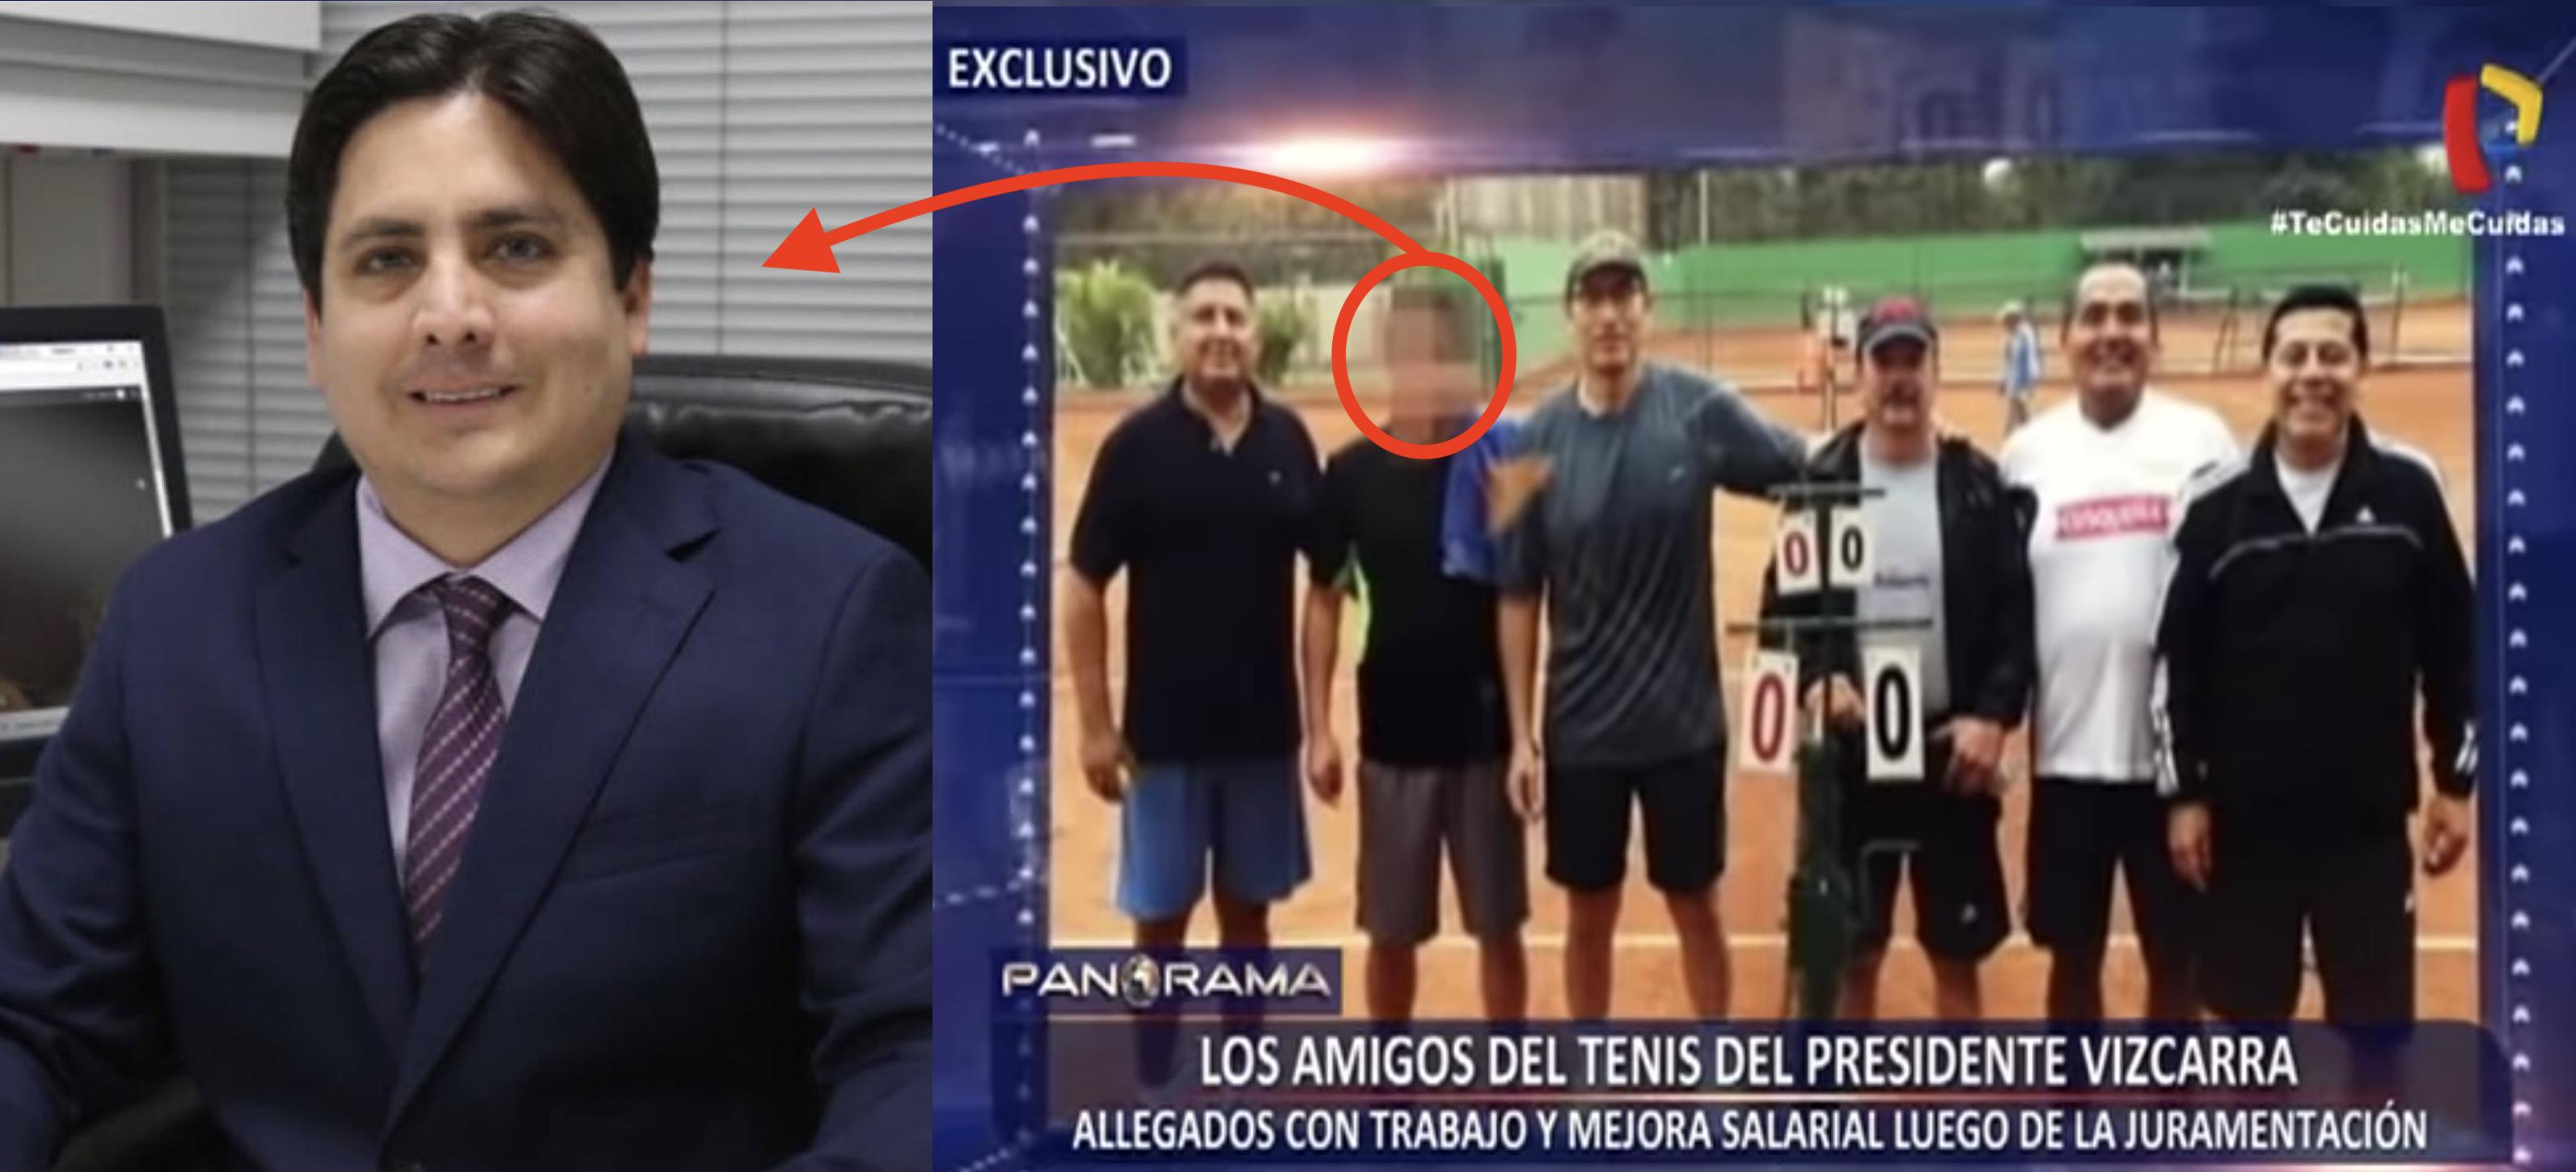 El amigo del tenis del presidente que nadie quiere tocar